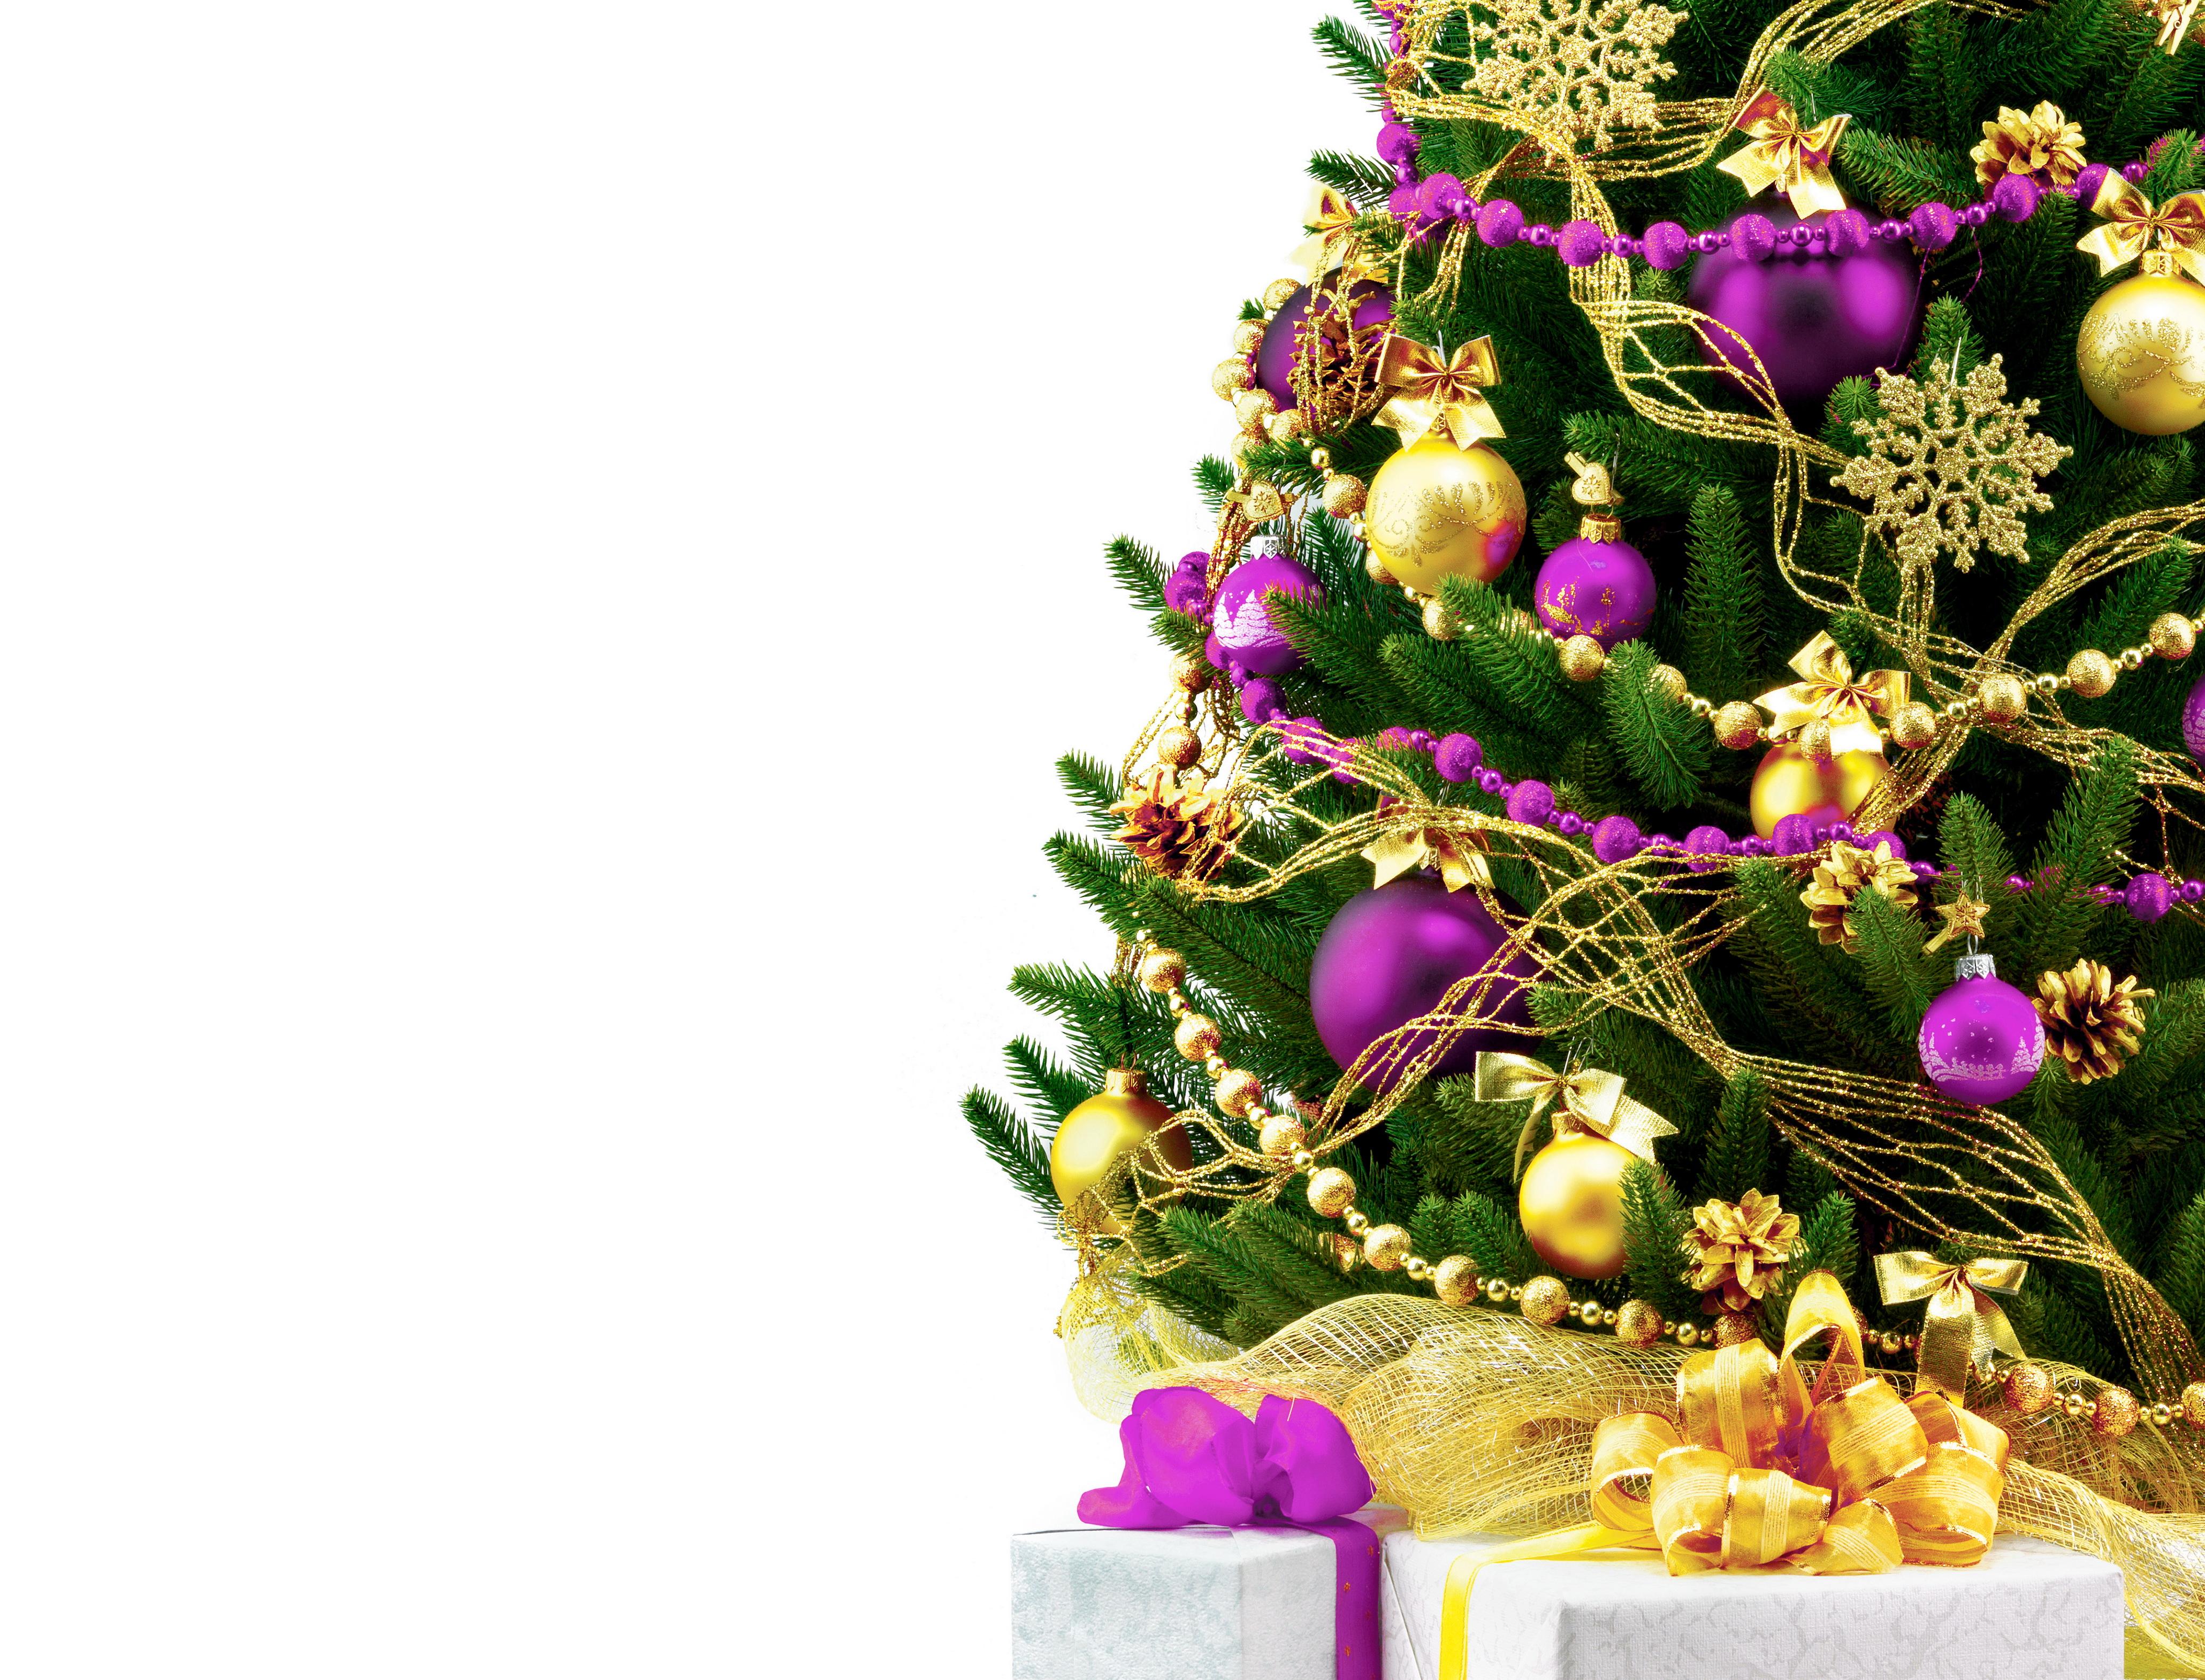 елка игрушки новый год tree toys new year бесплатно